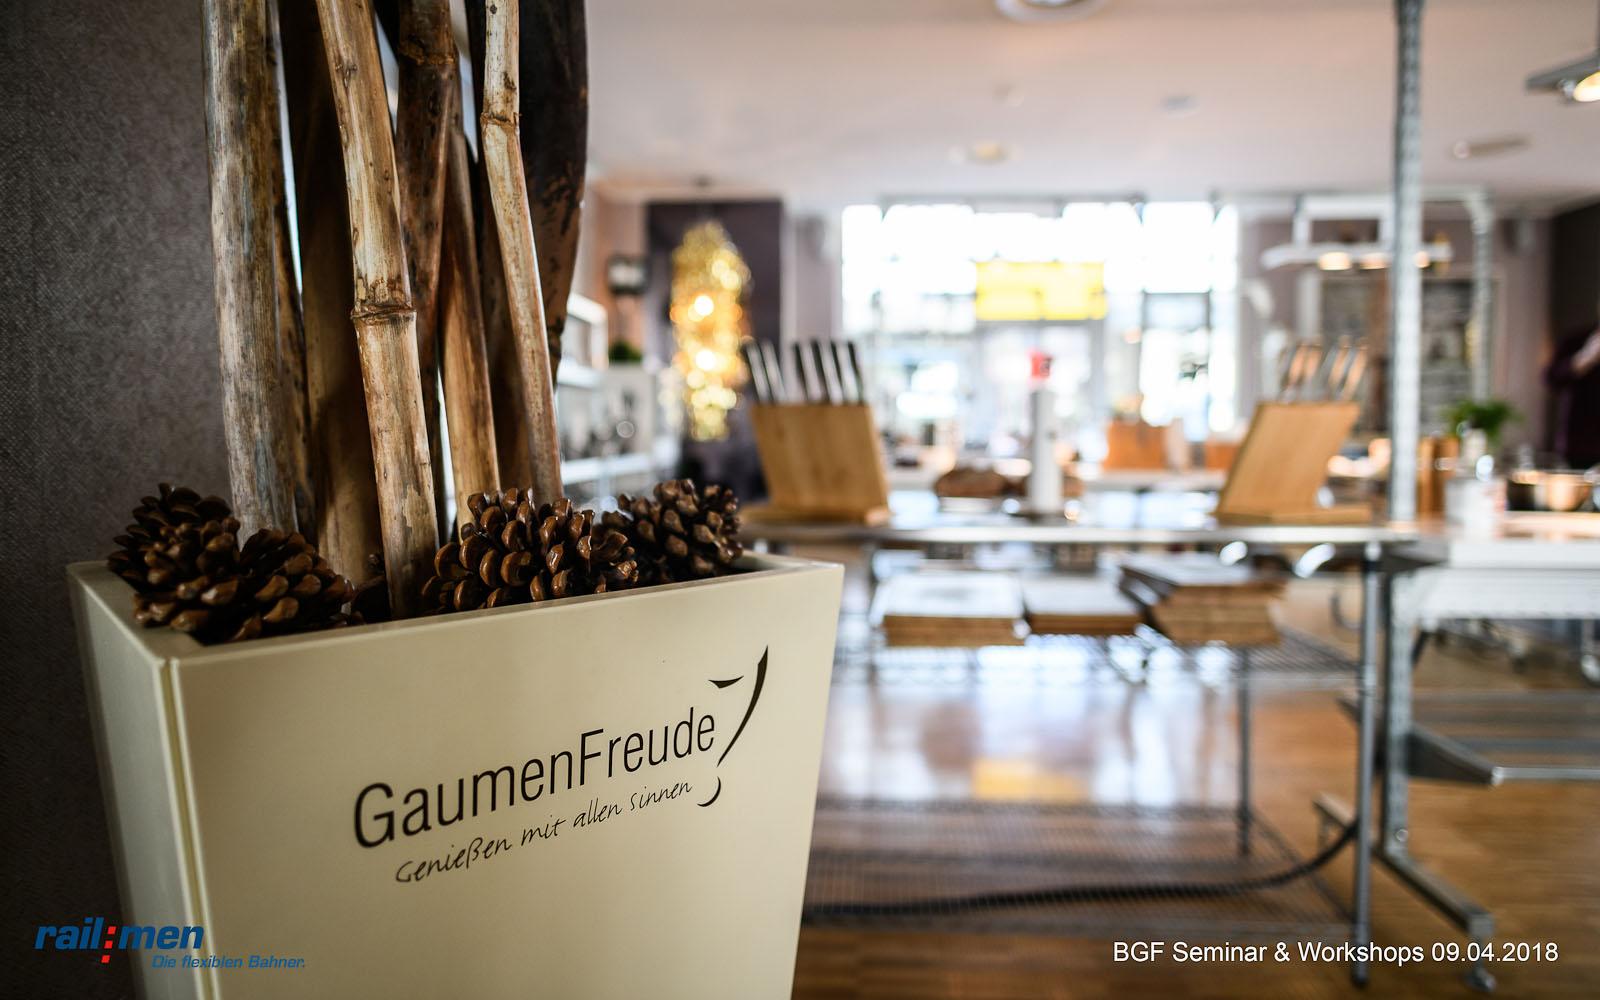 © Foto: Eric Kemnitz | Railmen BGF Workshop 1 | Gaumenfreude